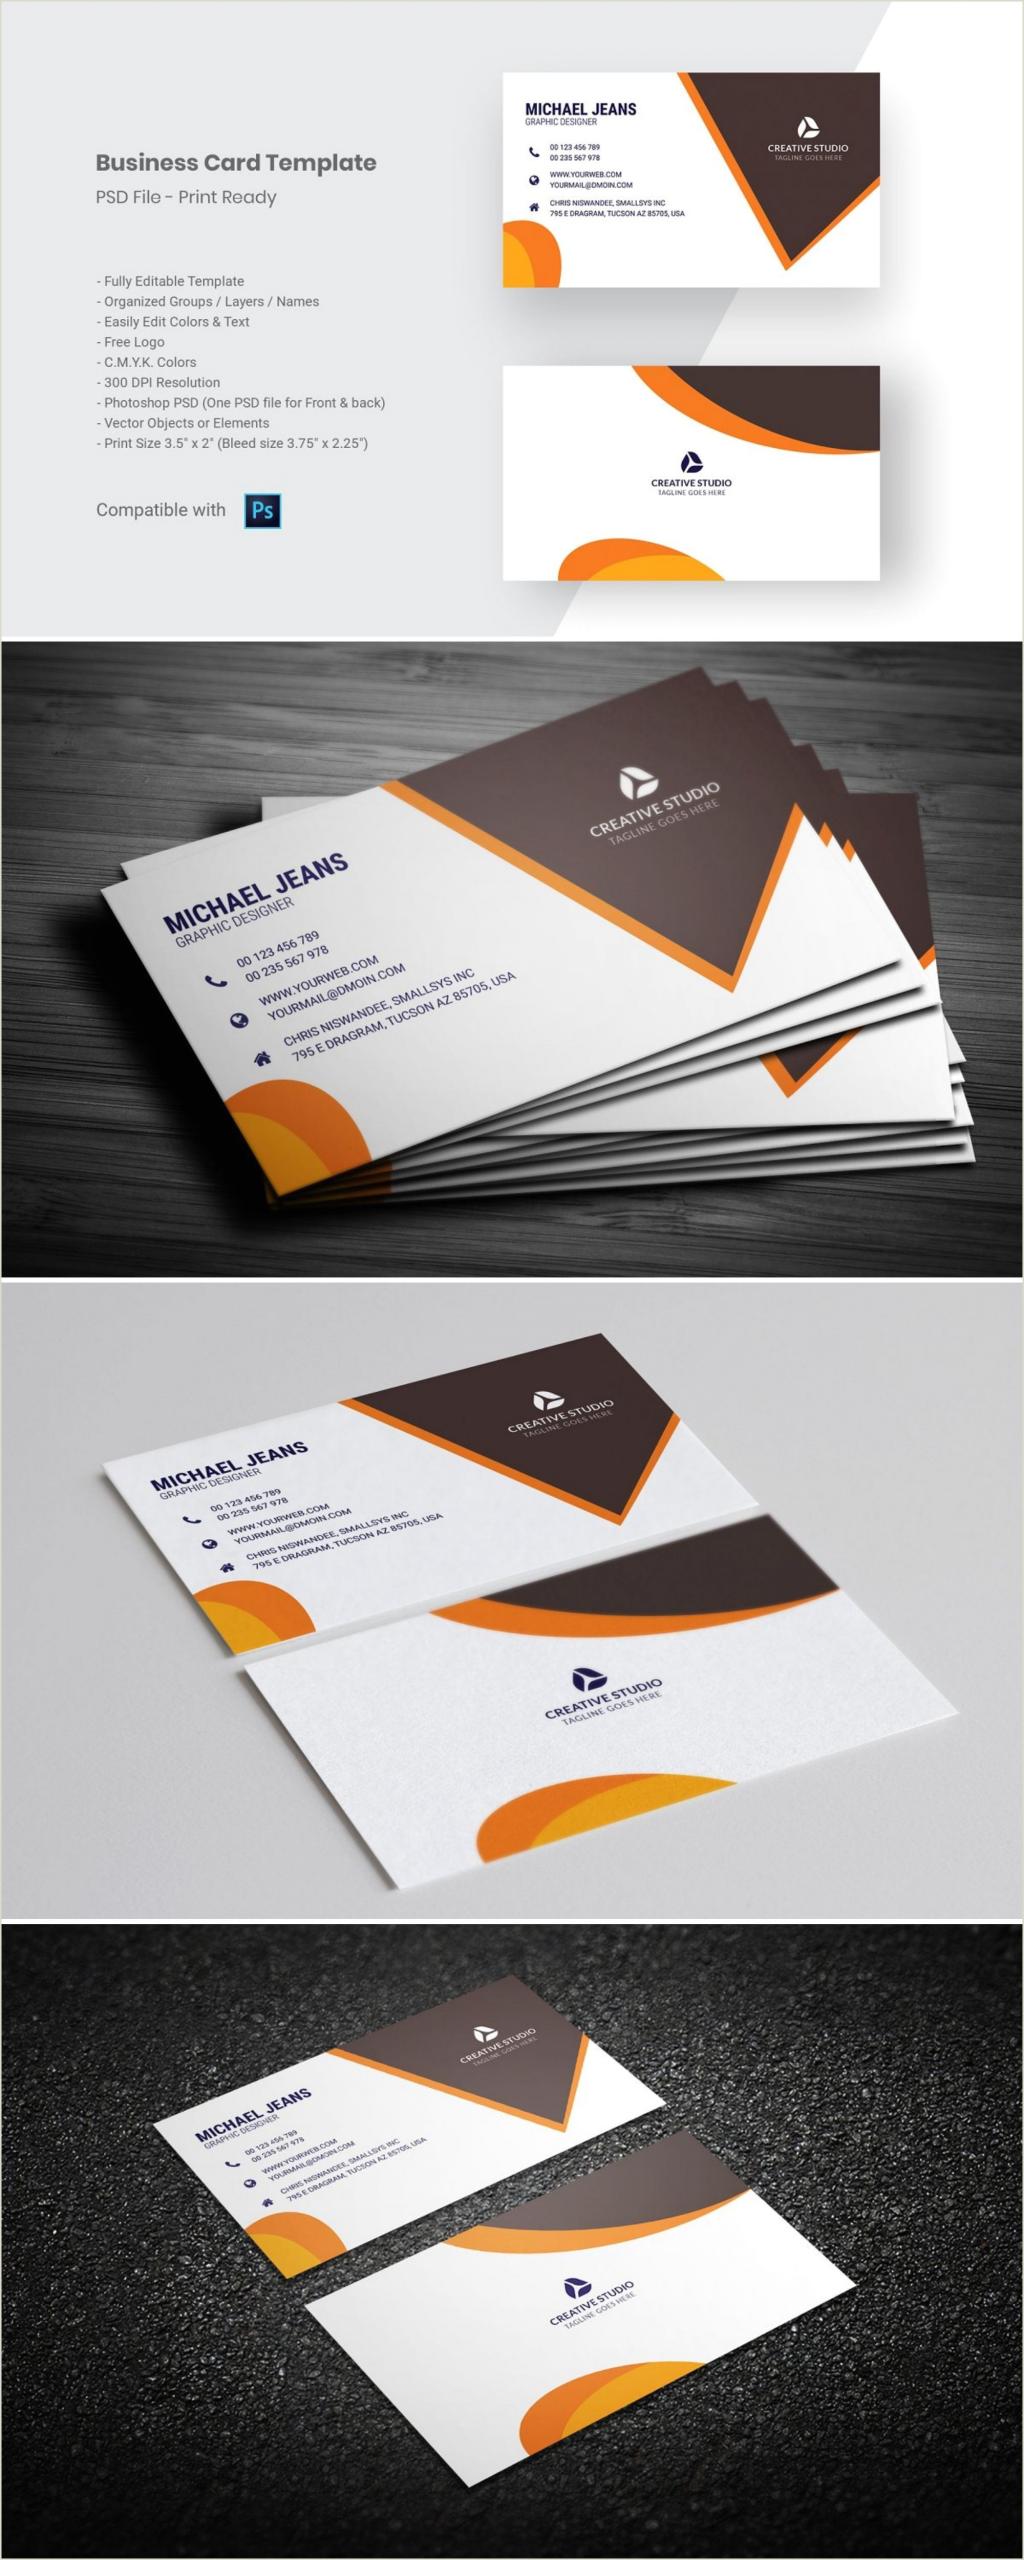 Business Card Formats Modern Business Card Template